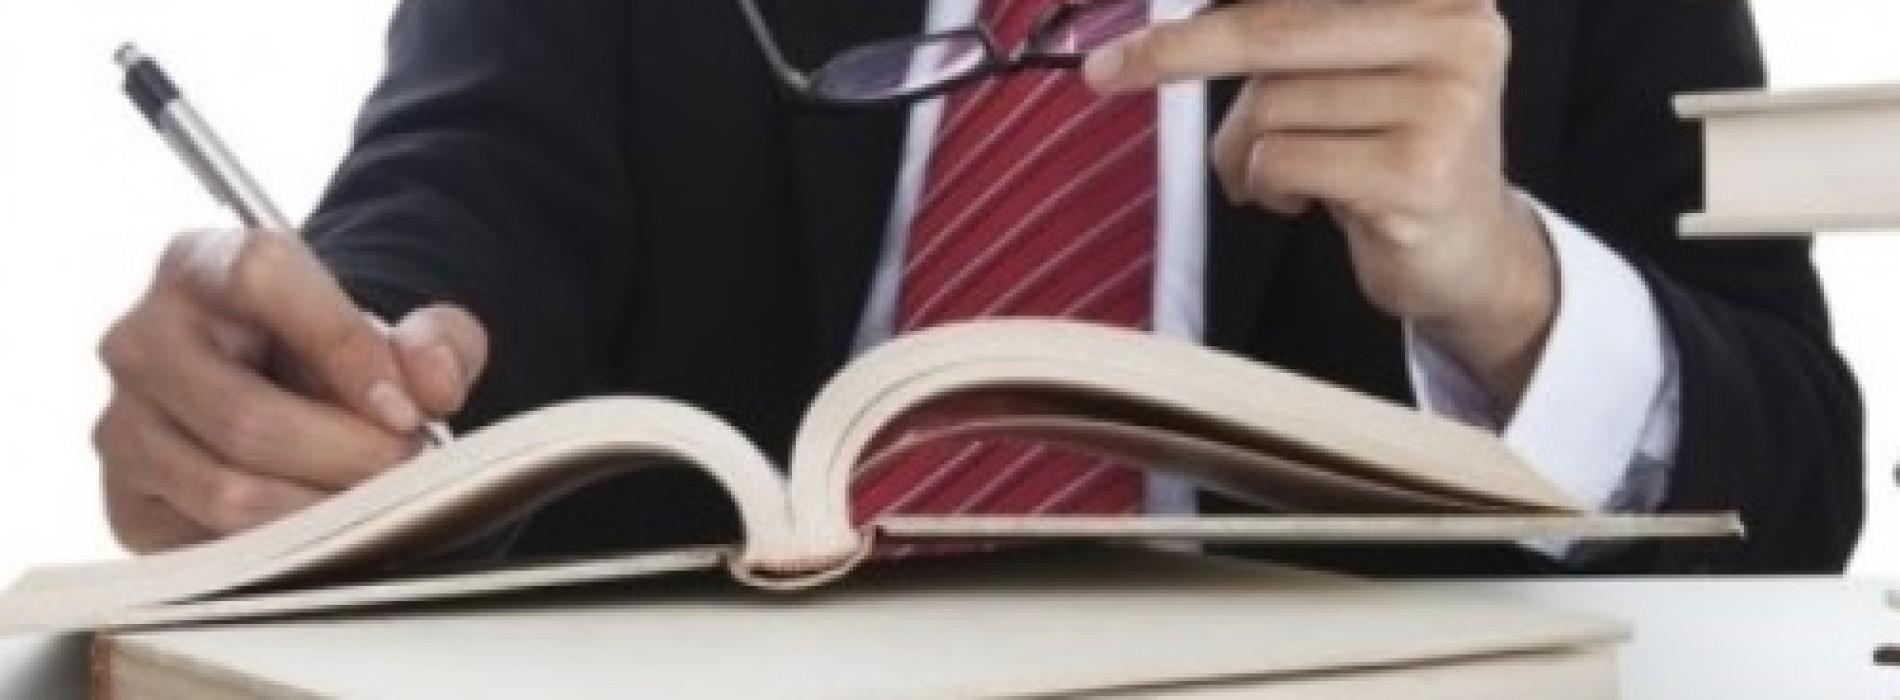 W jakich sprawach pomaga doradca podatkowy?